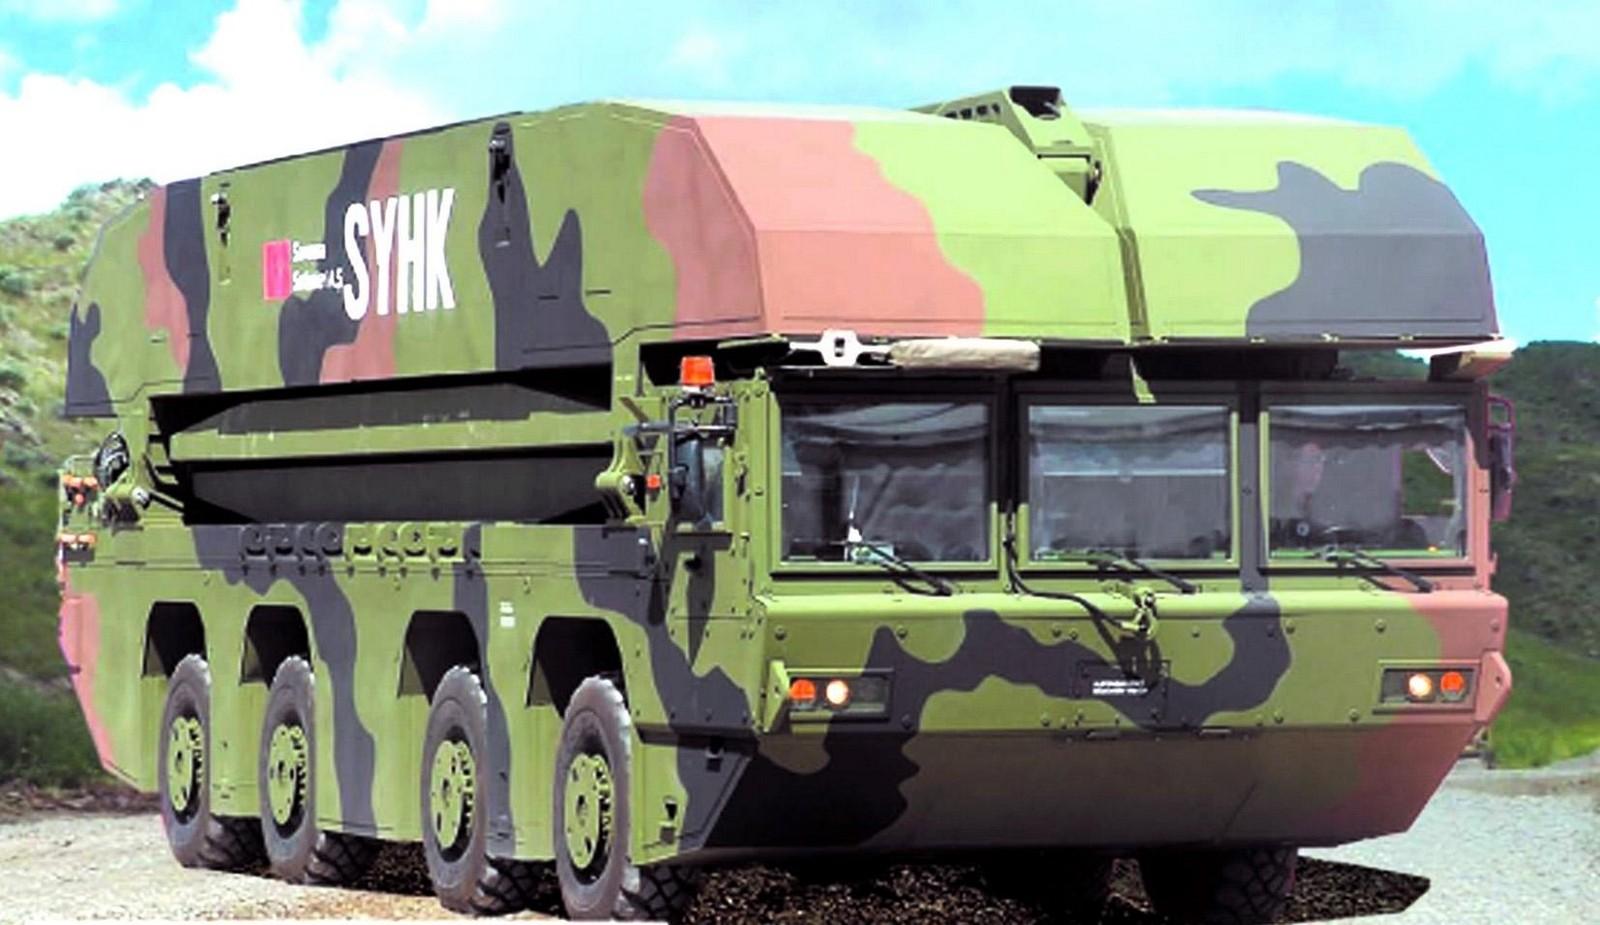 Самоходный четырехосный мостовой понтон FNSS АААВ Syhk